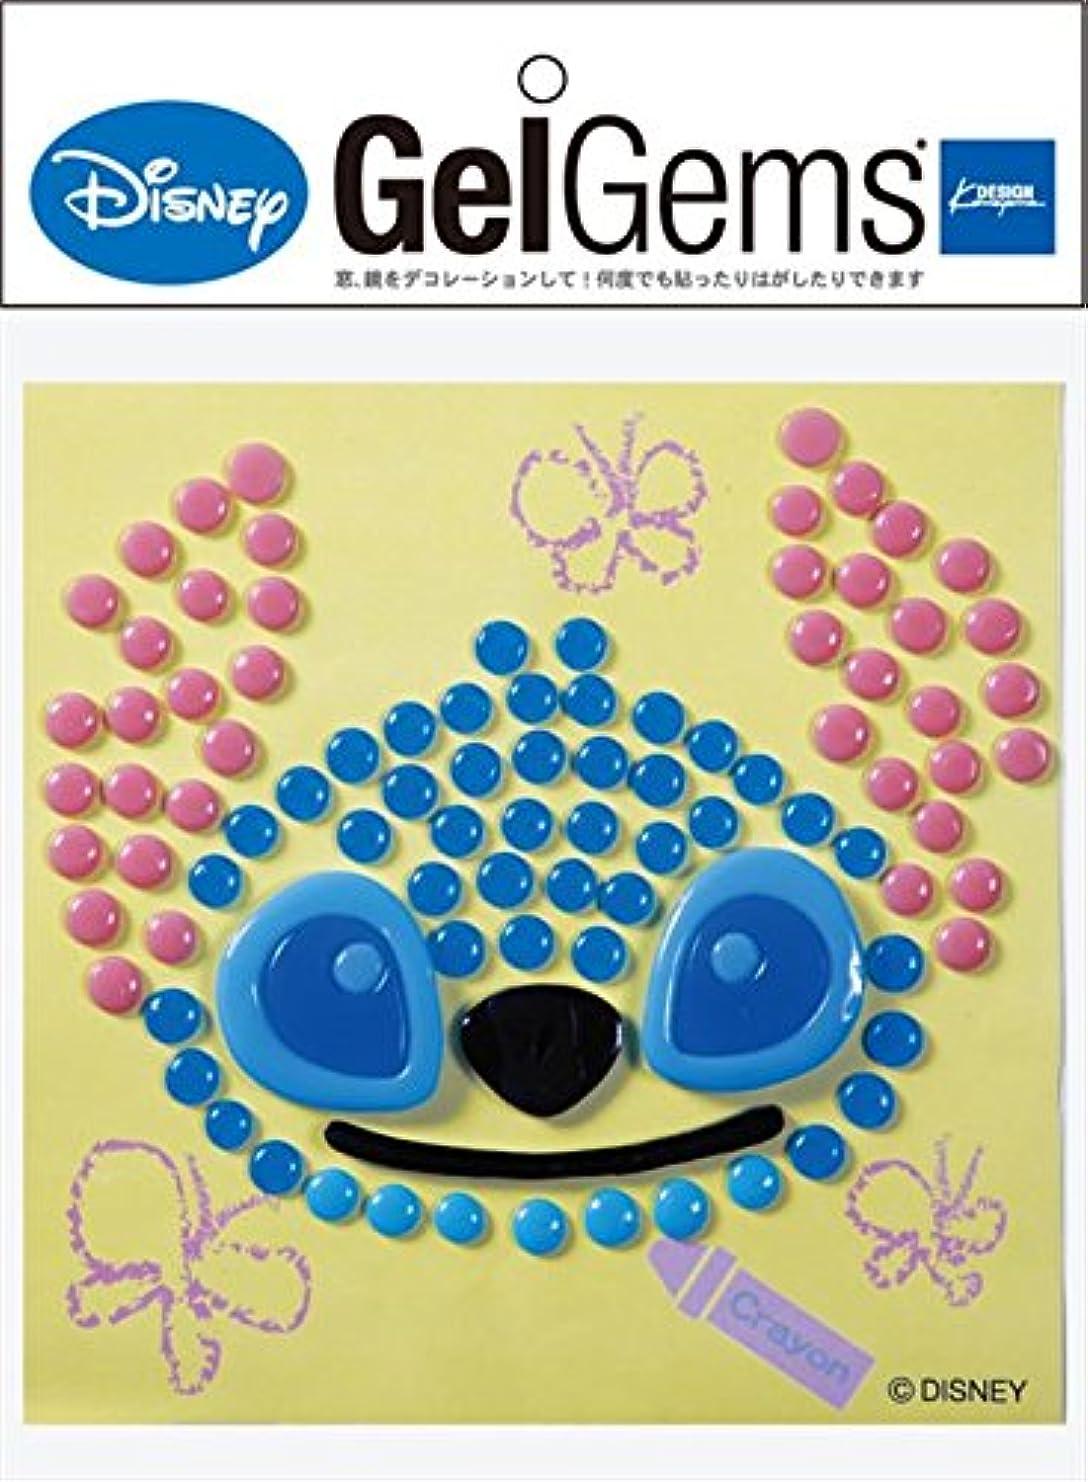 ディズニー(Disney) ジェルジェムディズニーバッグS 「 スティッチドット 」 E1050055